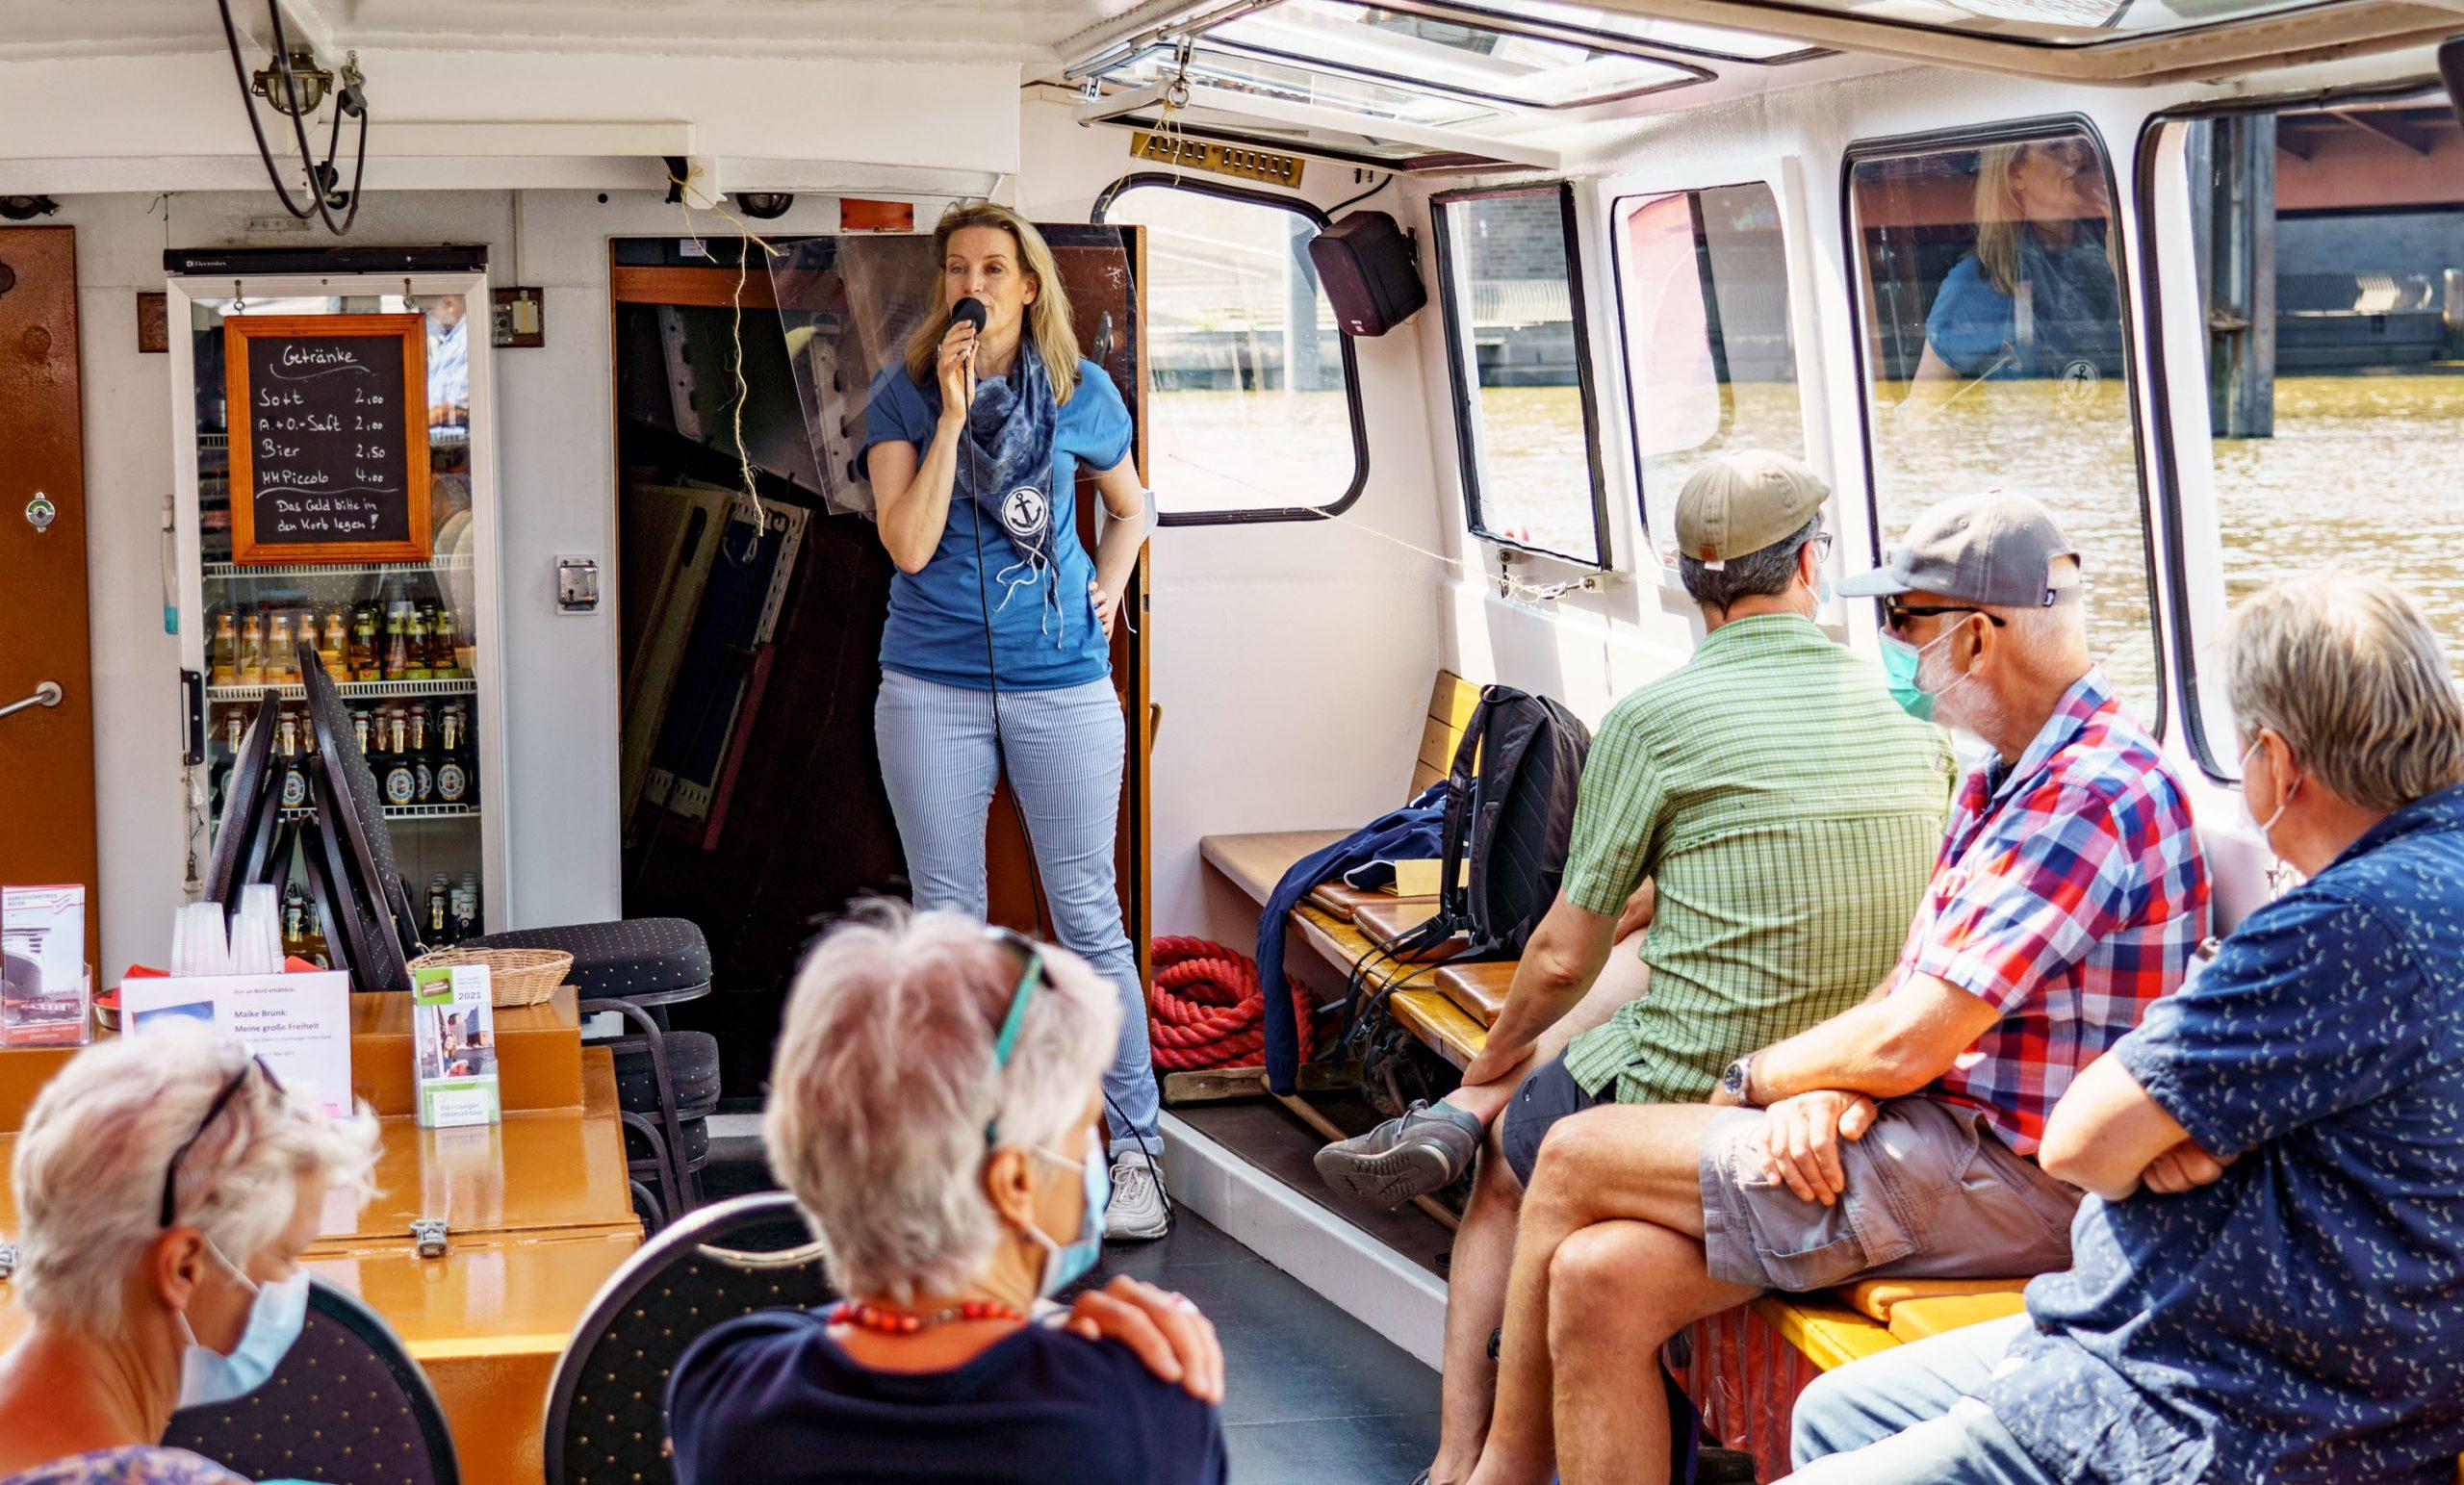 Brunk zeigt auf ihren Touren durch den Hamburger Hafen verborgene Ecken der Stadt.